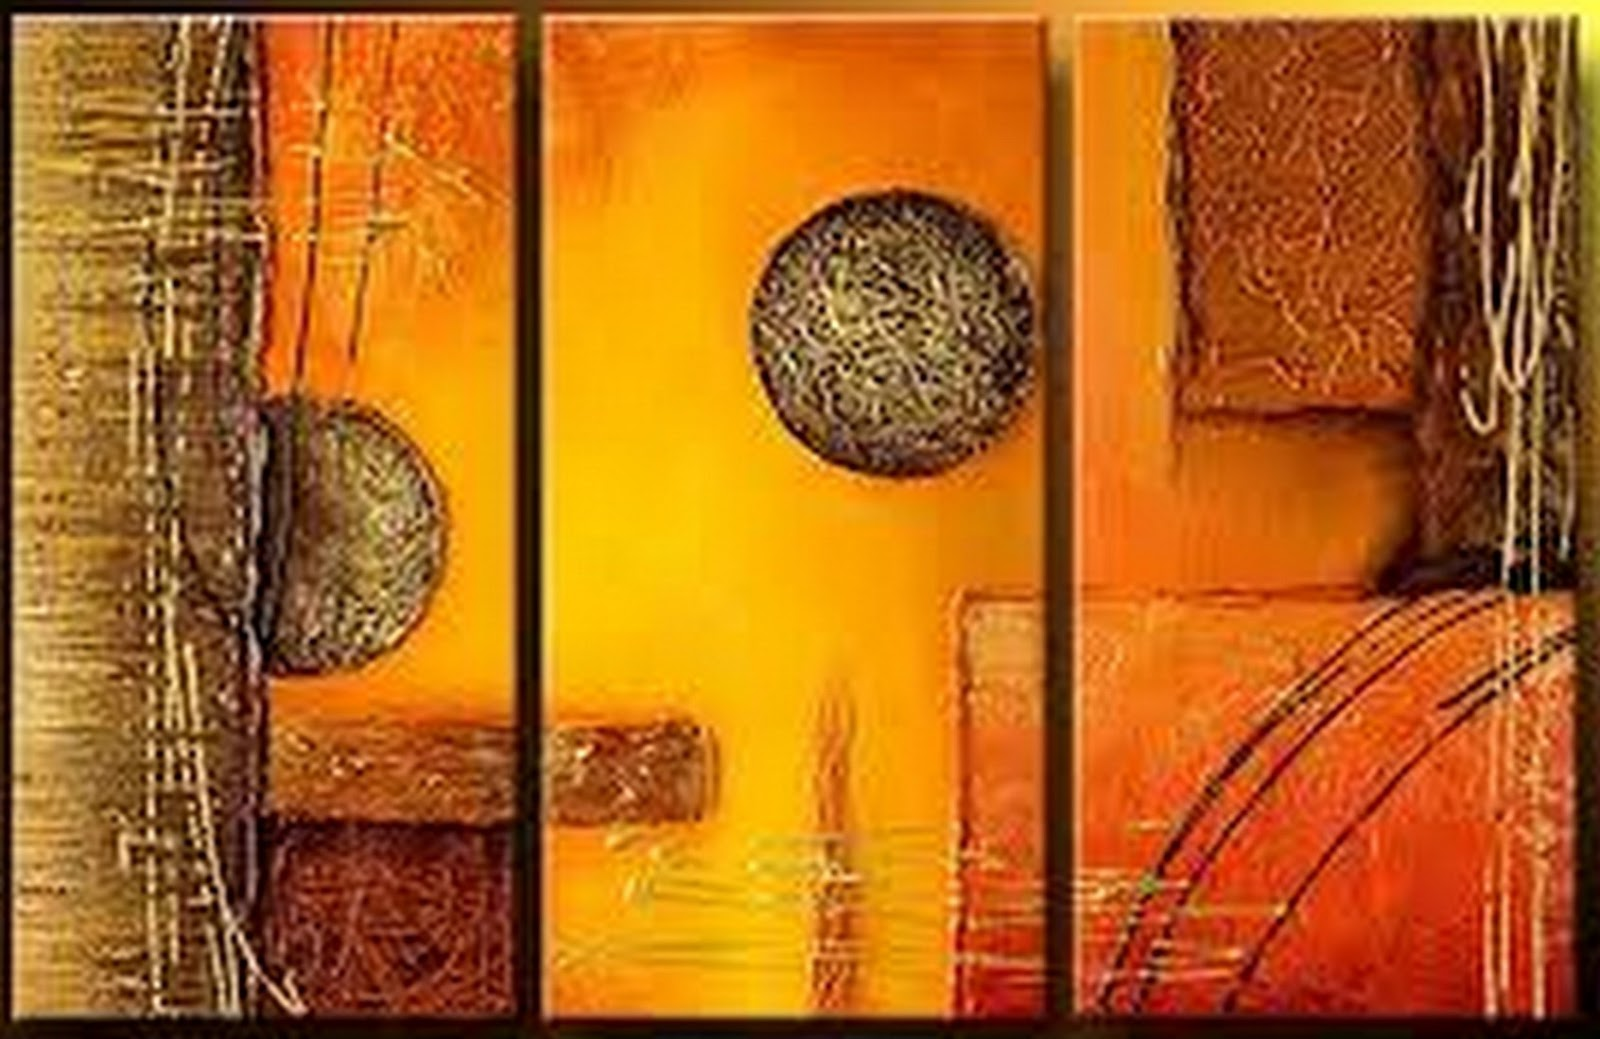 Cuadros pinturas oleos tr pticos de pintura - Cuadros decorativos para cocina abstractos modernos ...